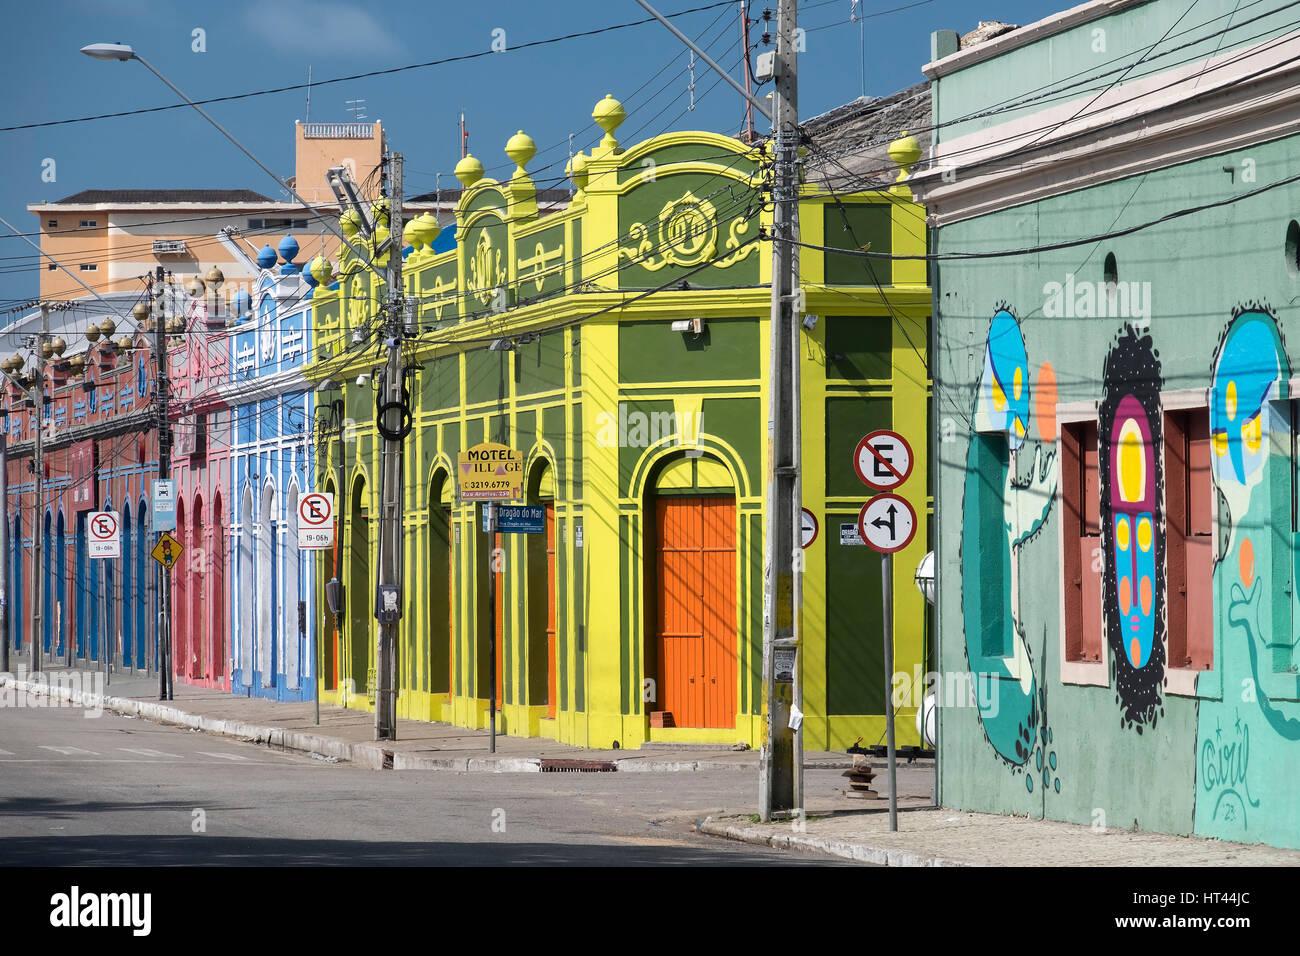 Farbenfrohe Gebäude auf Straße Rua Almirante Jaceguai, Fortaleza, Bundesstaat Ceara, Brasilien, Südamerika Stockbild